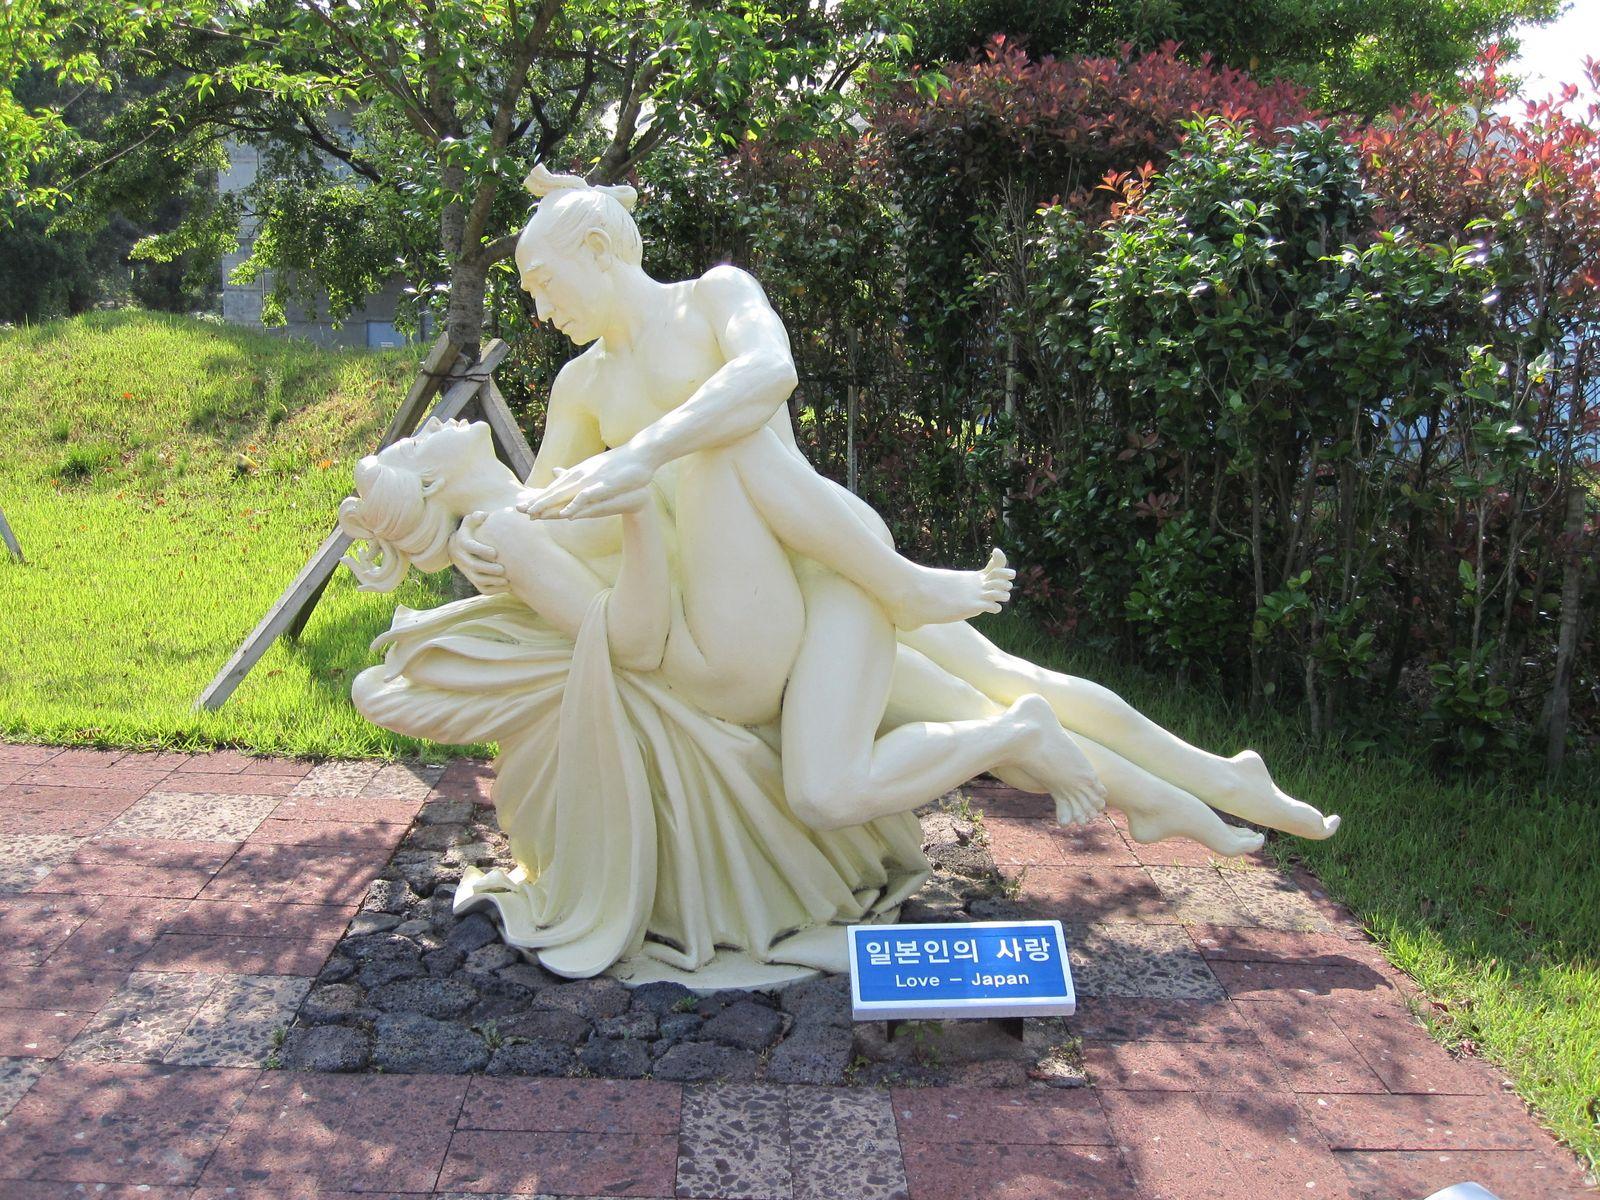 http://1.bp.blogspot.com/-4Hfrw8BNldE/T5cnBwX2YlI/AAAAAAAAAZo/R2kcMGfzGWQ/s1600/Jeju-sex-park-Korea-image10.jpg